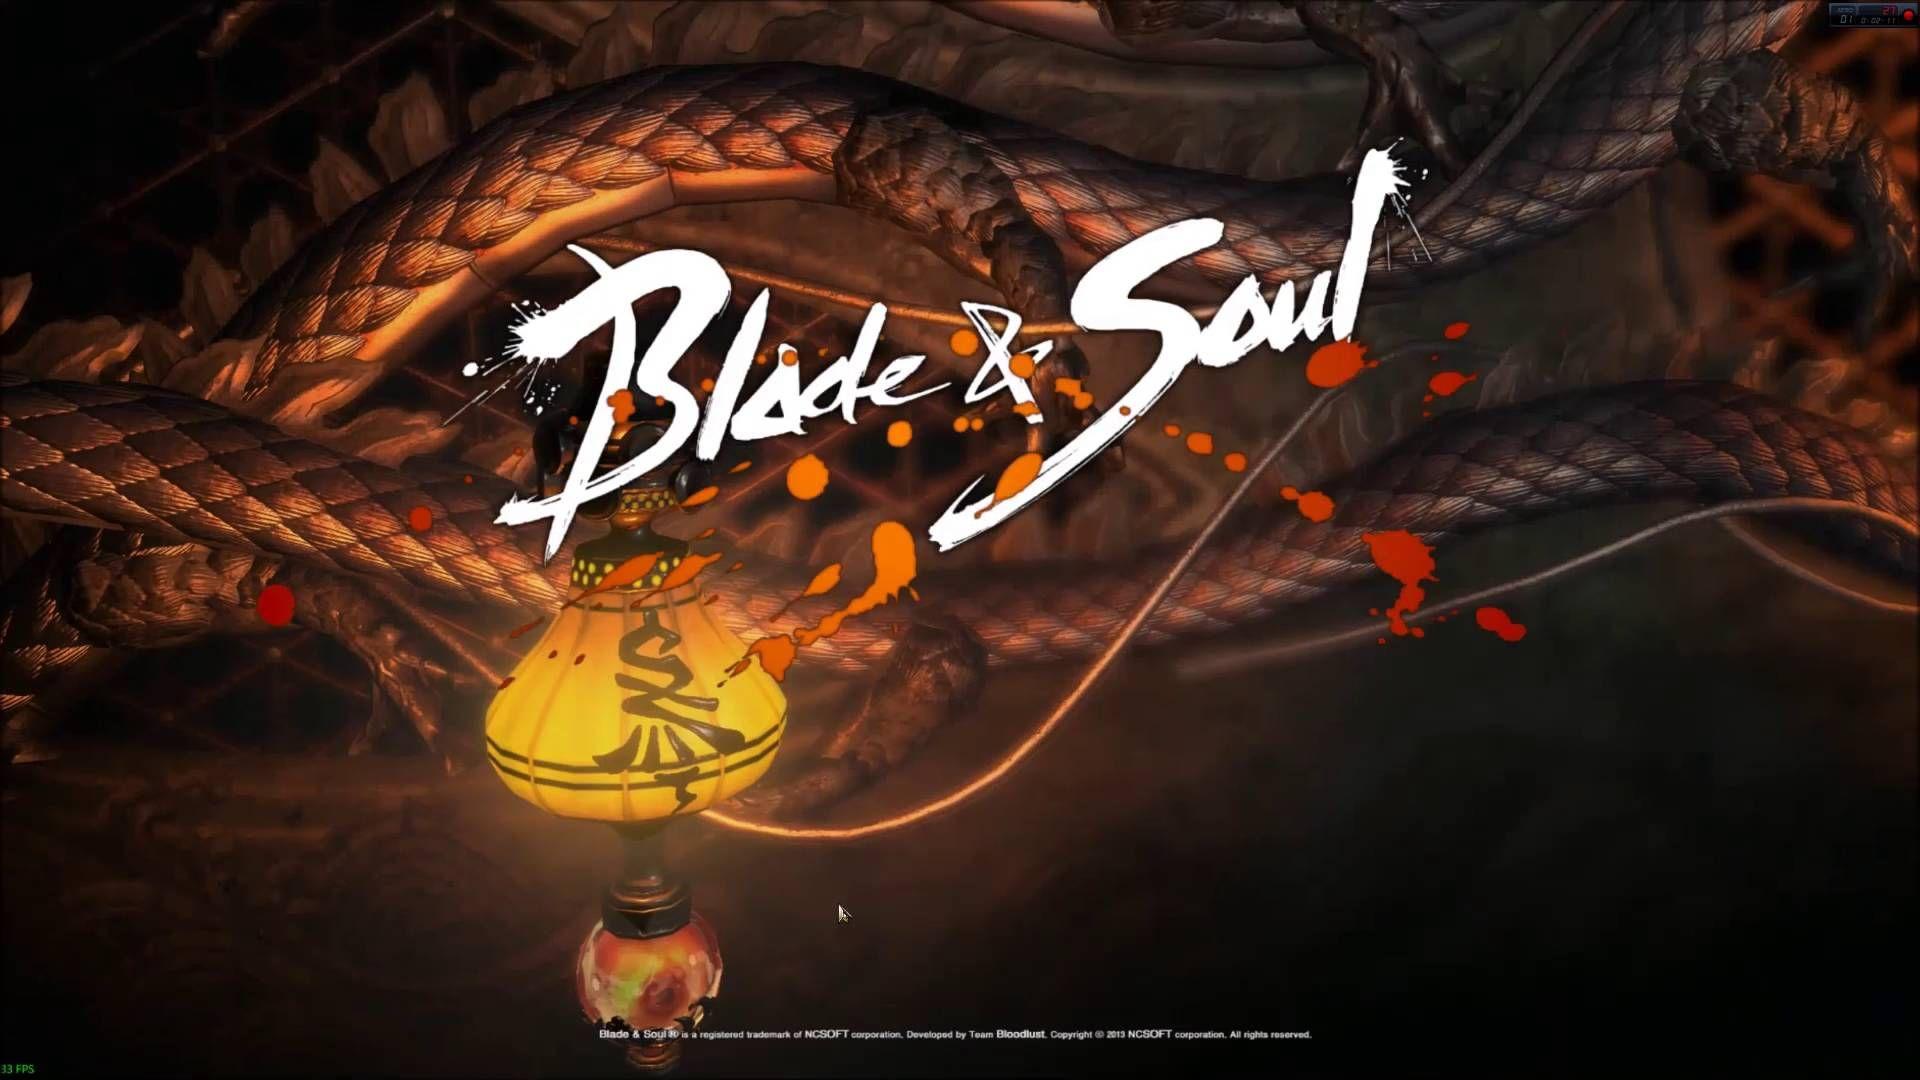 Khắc phục lỗi đăng nhập game BNS Blade and Soul lại dễ như thế này